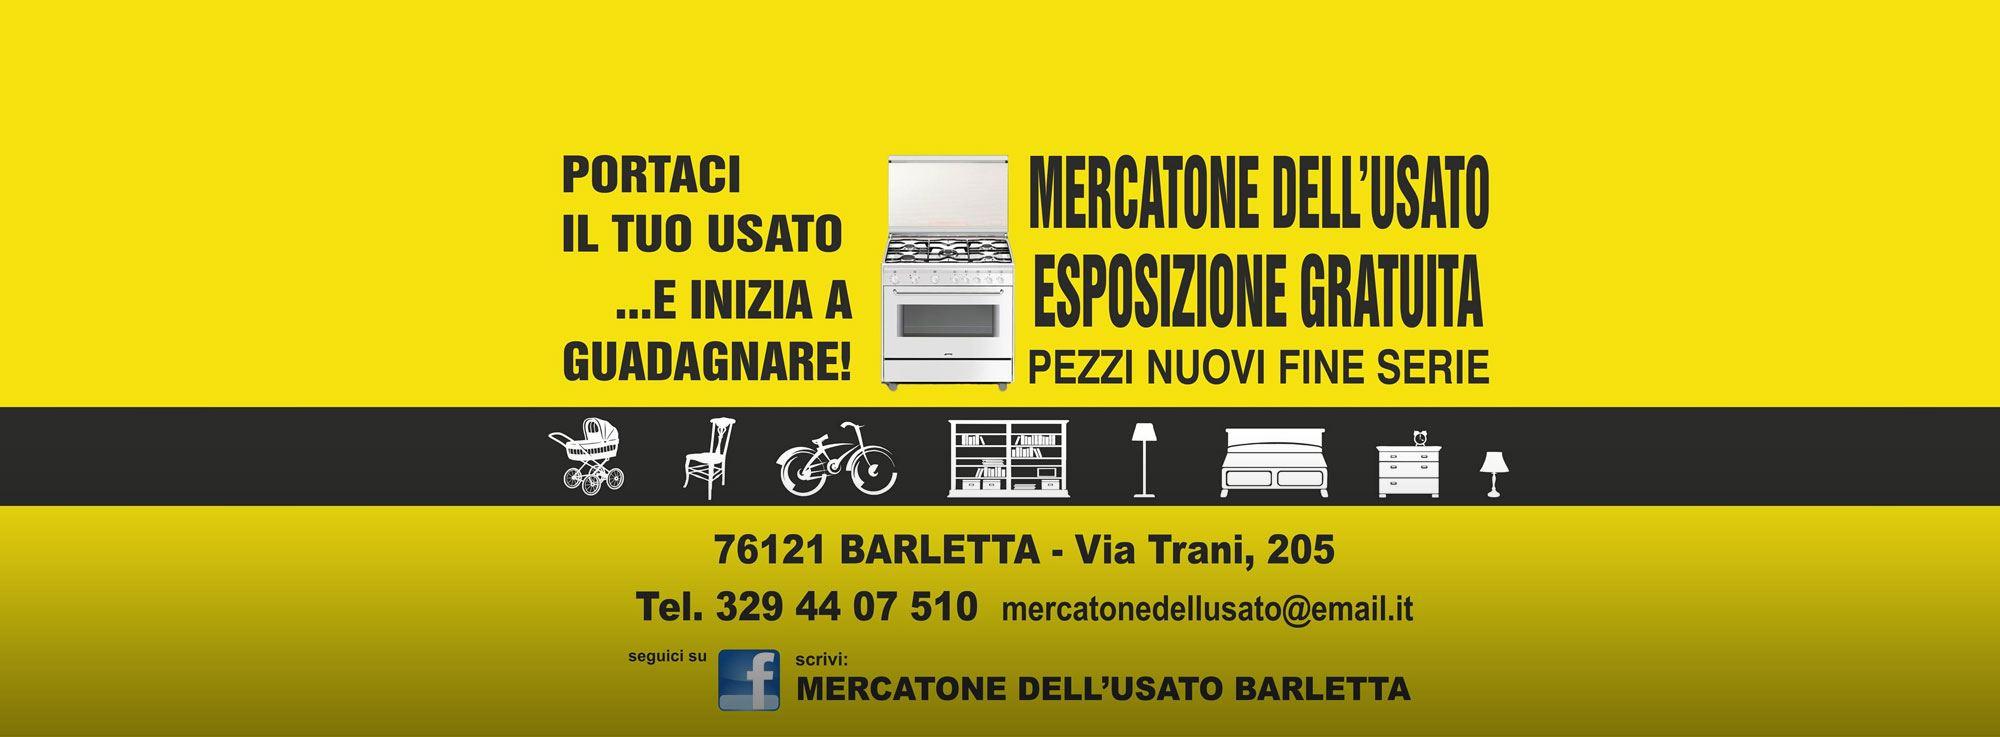 Mercatone dell'usato Barletta